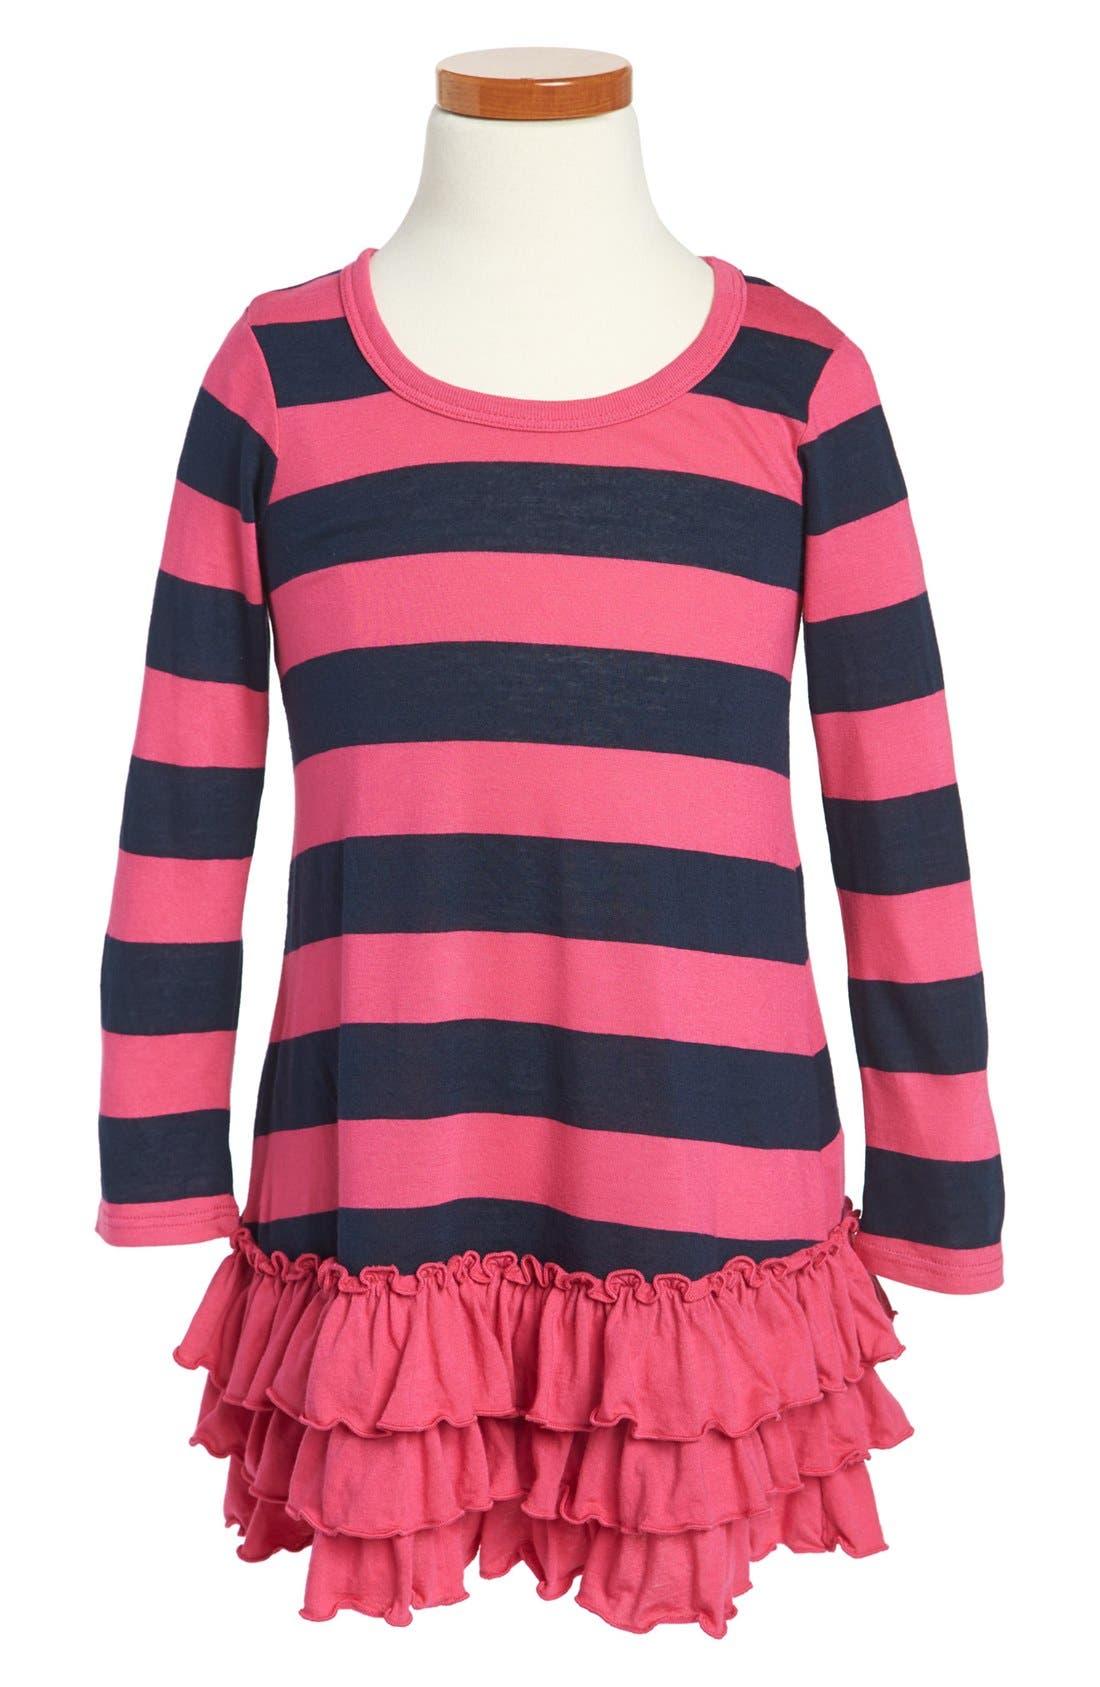 Alternate Image 1 Selected - Splendid Stripe Dress (Little Girls)